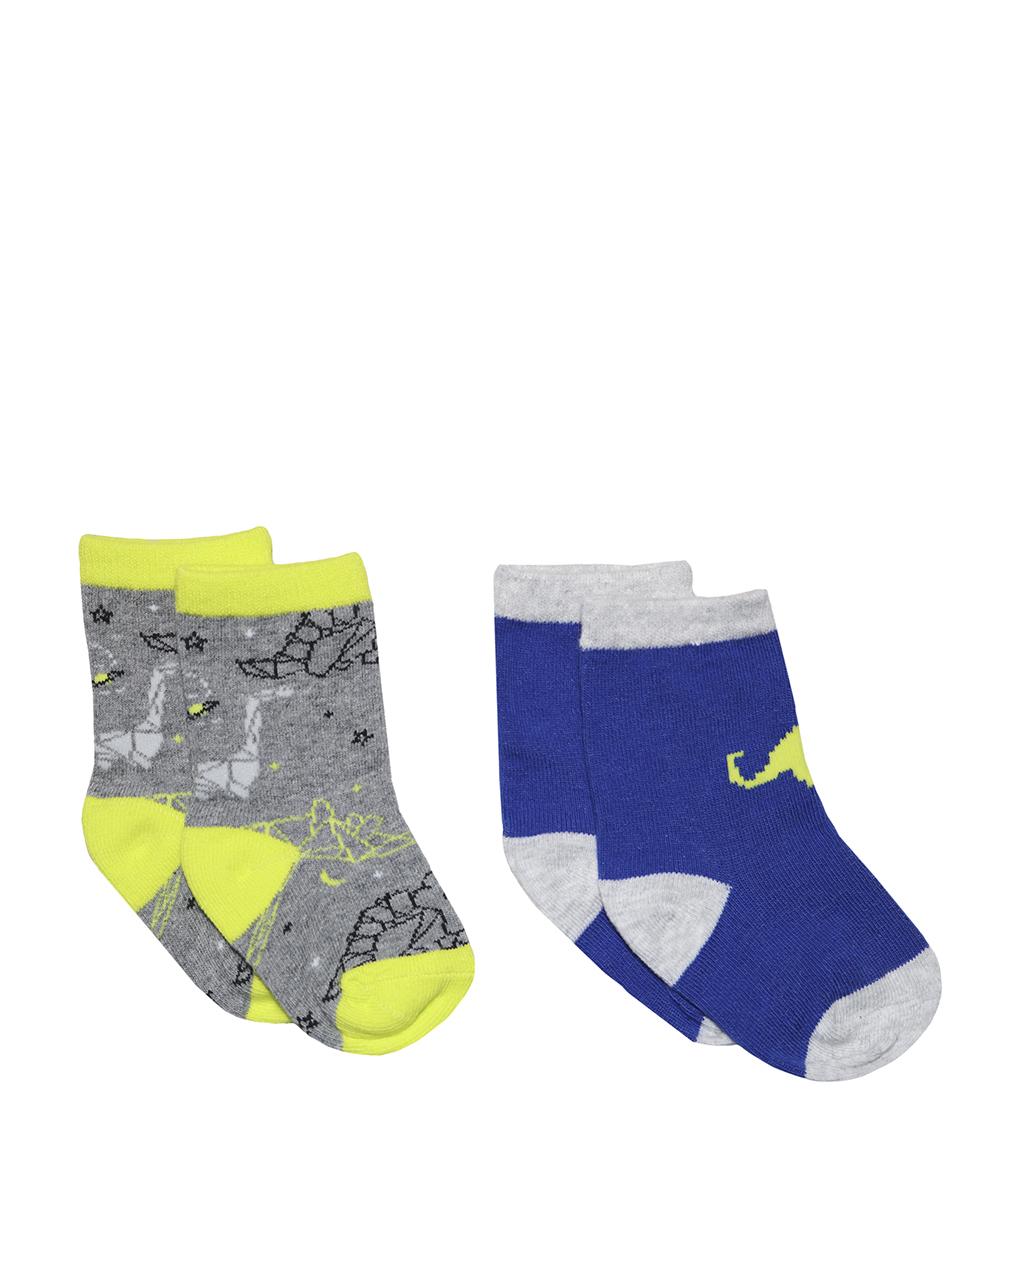 Pacote de 2 meias multicolor - Prénatal